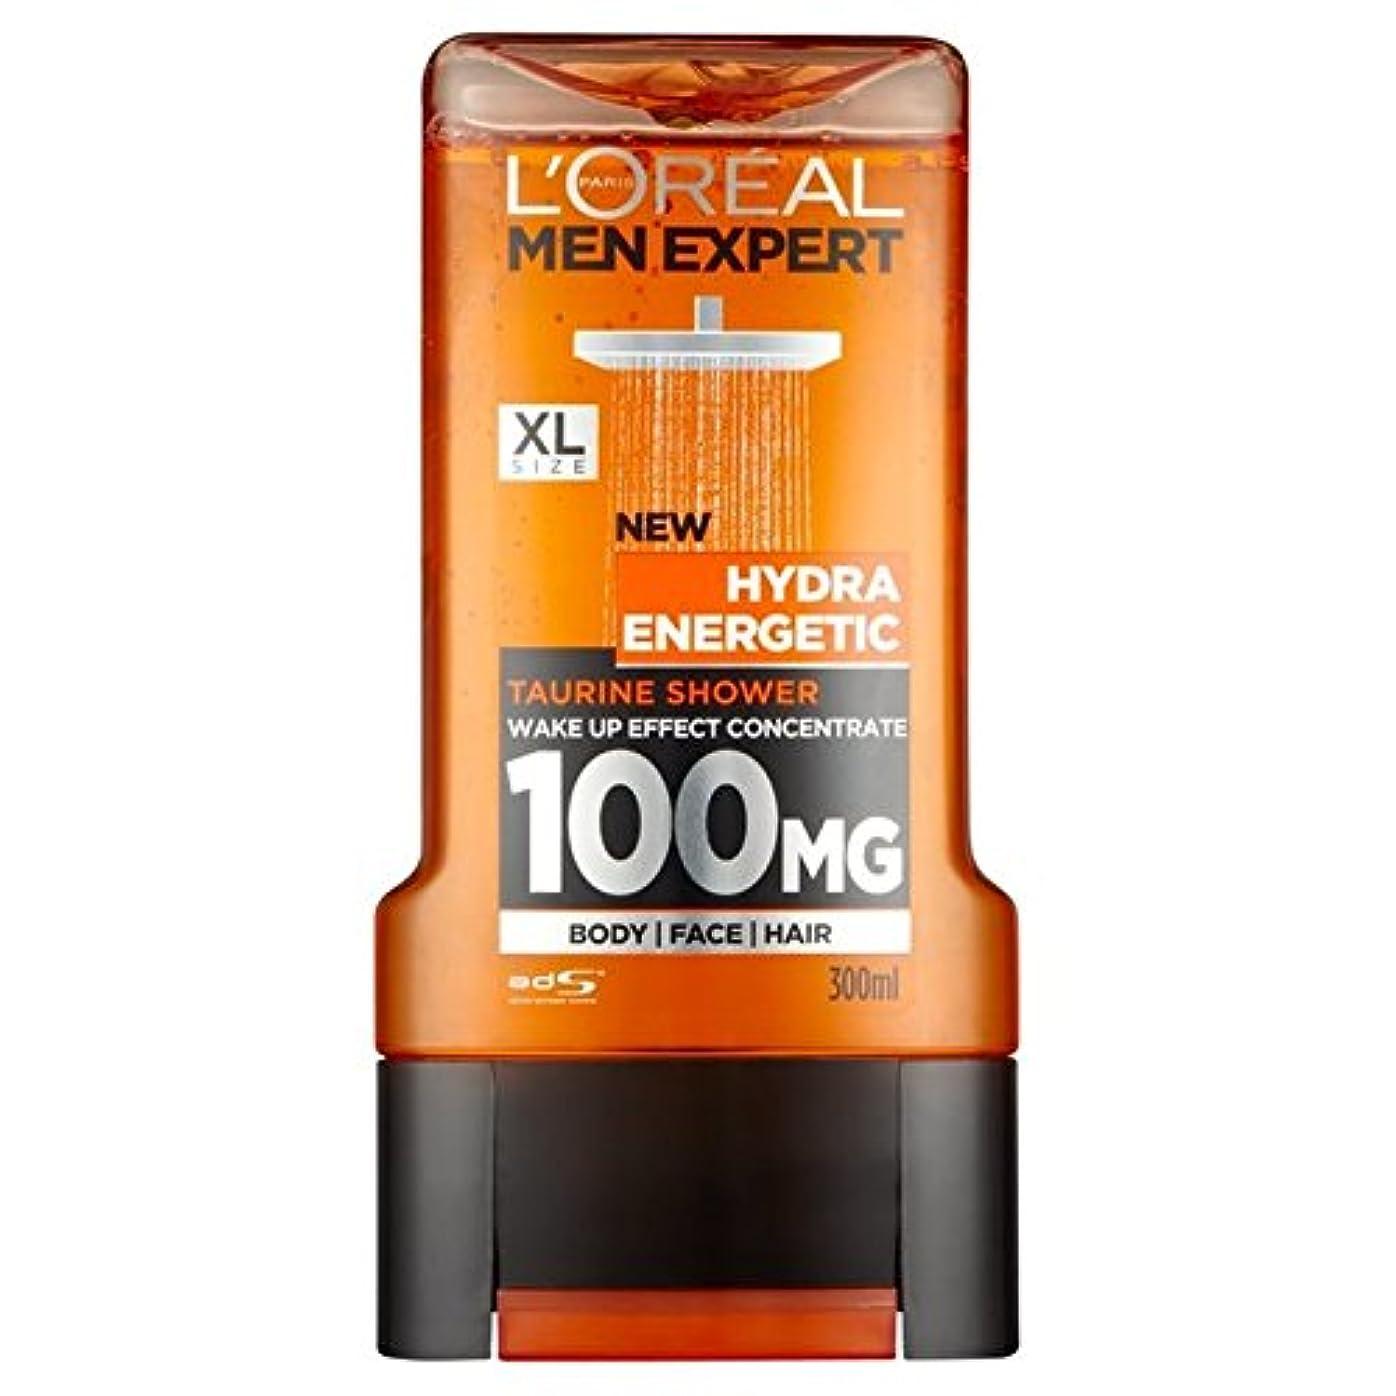 主張するバドミントン望まないロレアルパリのメンズ専門家ヒドラエネルギッシュなシャワージェル300ミリリットル x2 - L'Oreal Paris Men Expert Hydra Energetic Shower Gel 300ml (Pack...